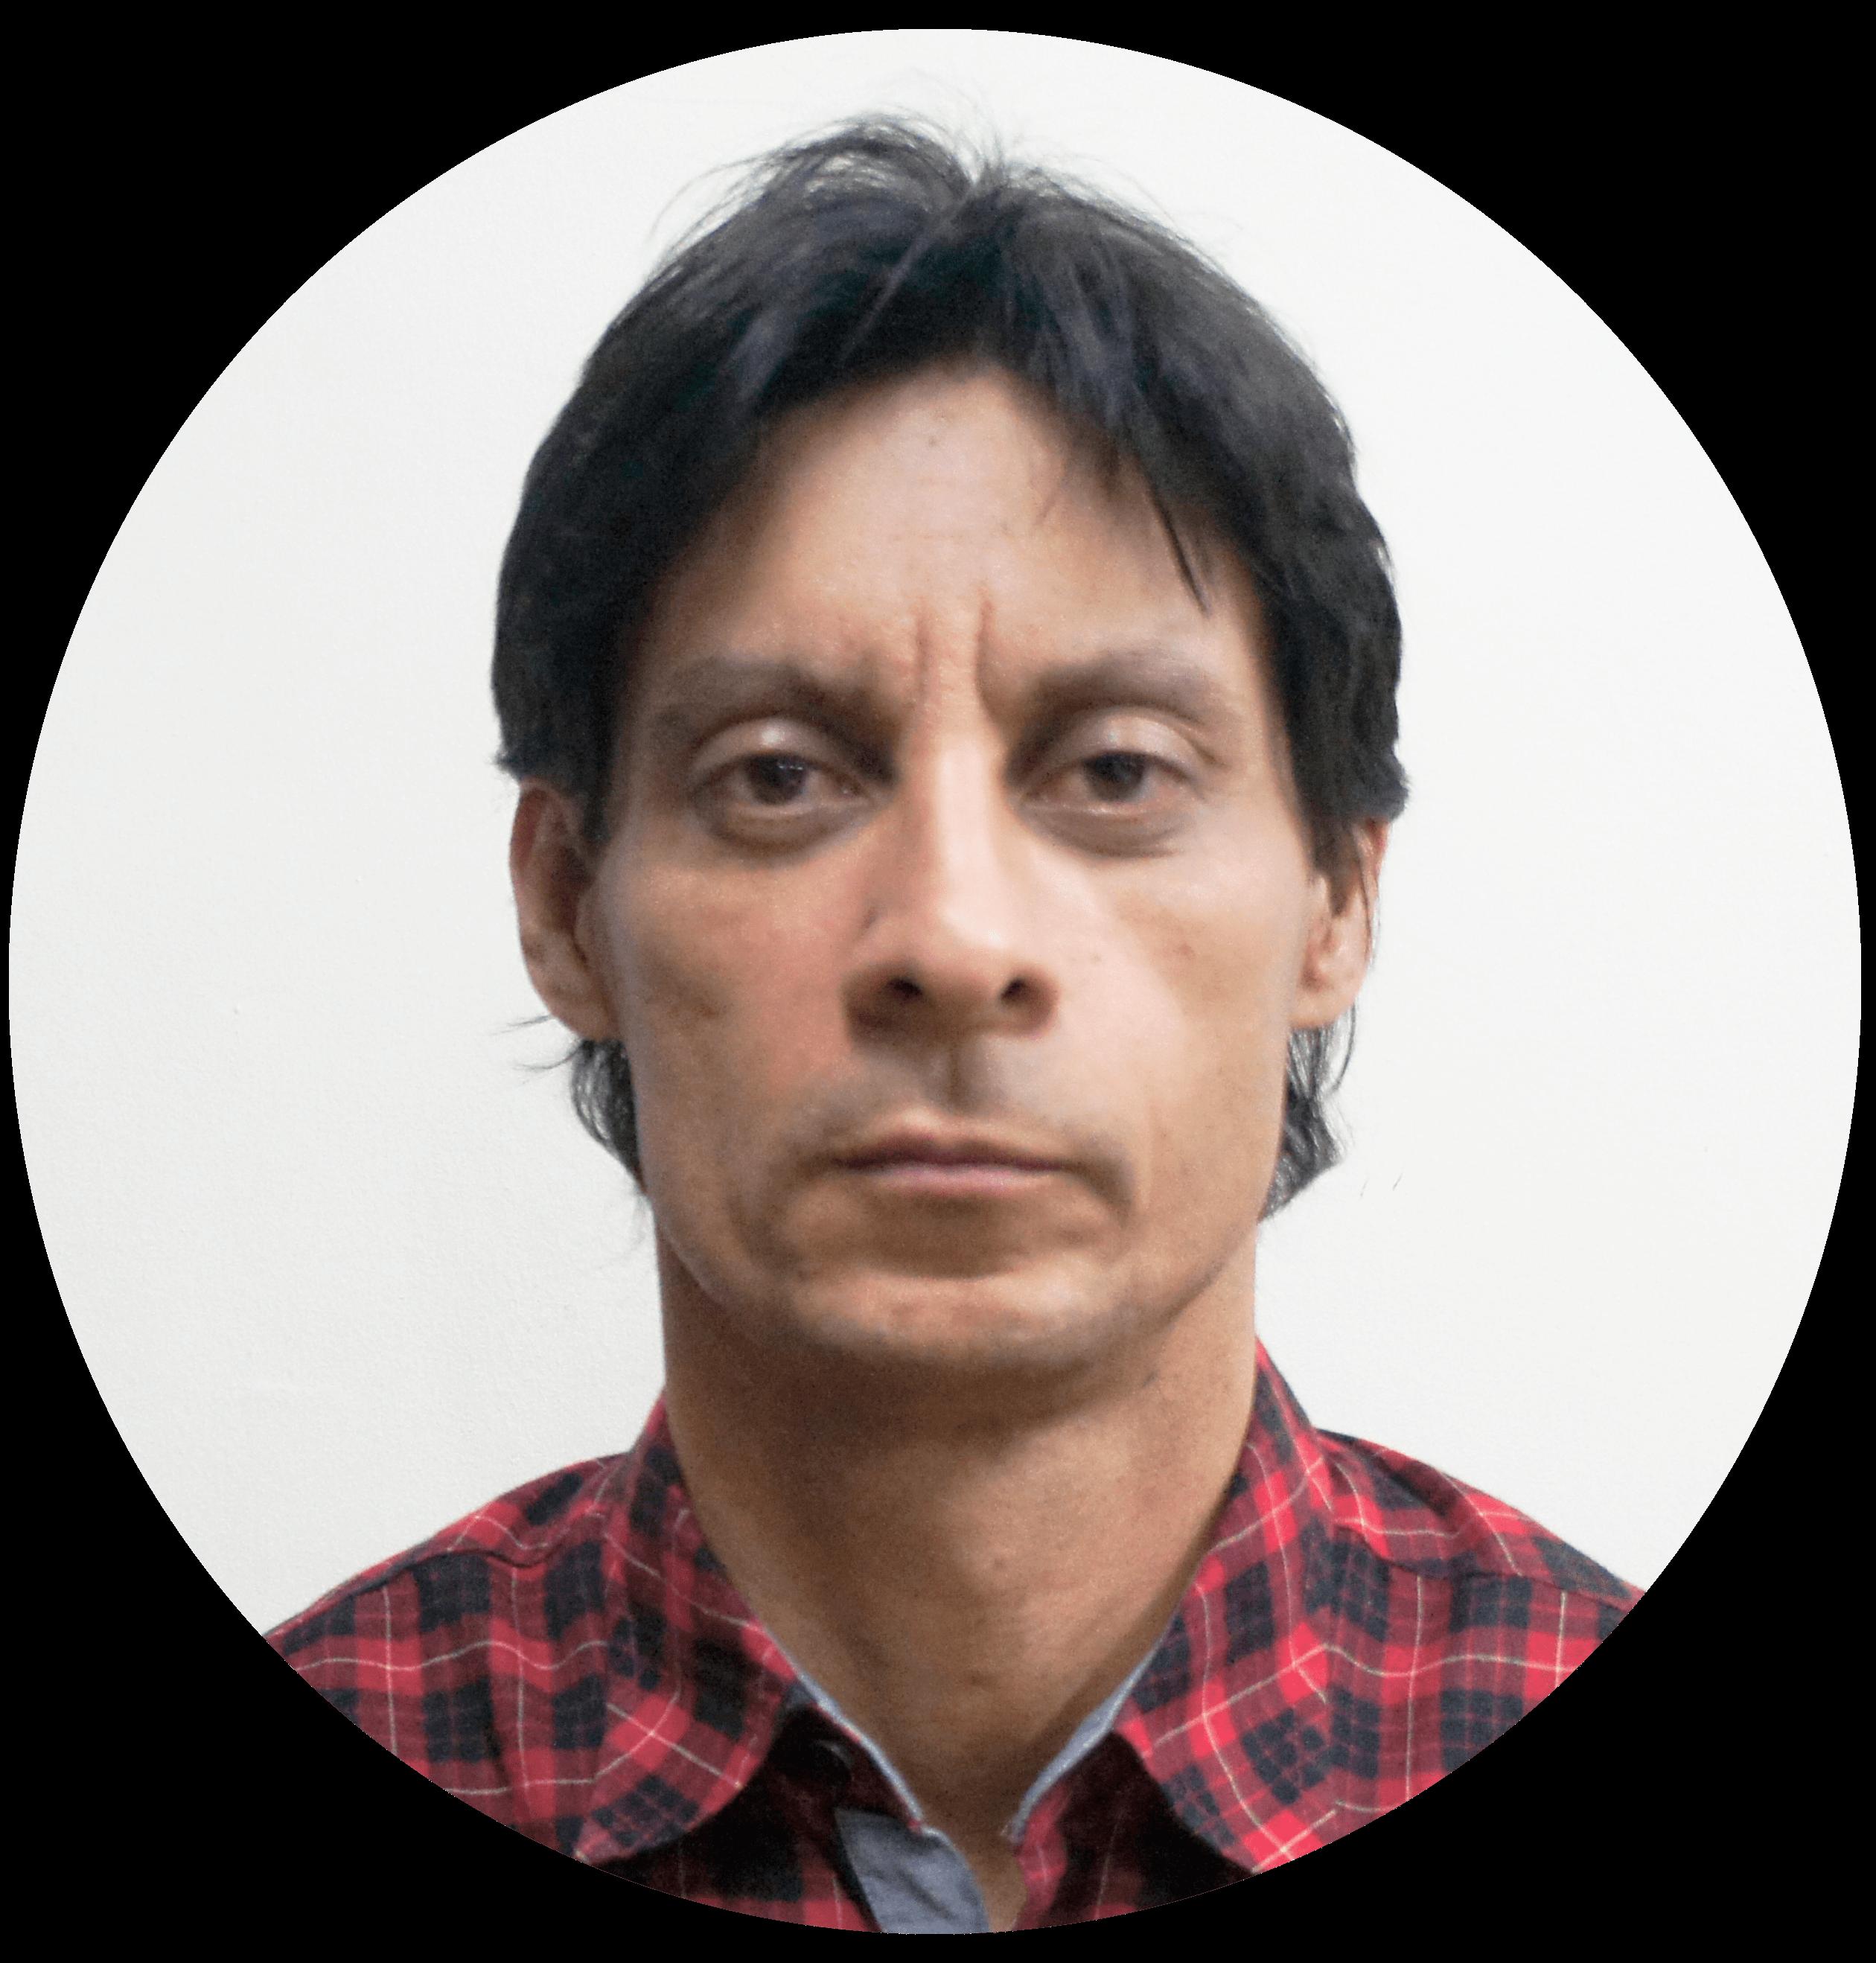 César Vinasco Vallejo